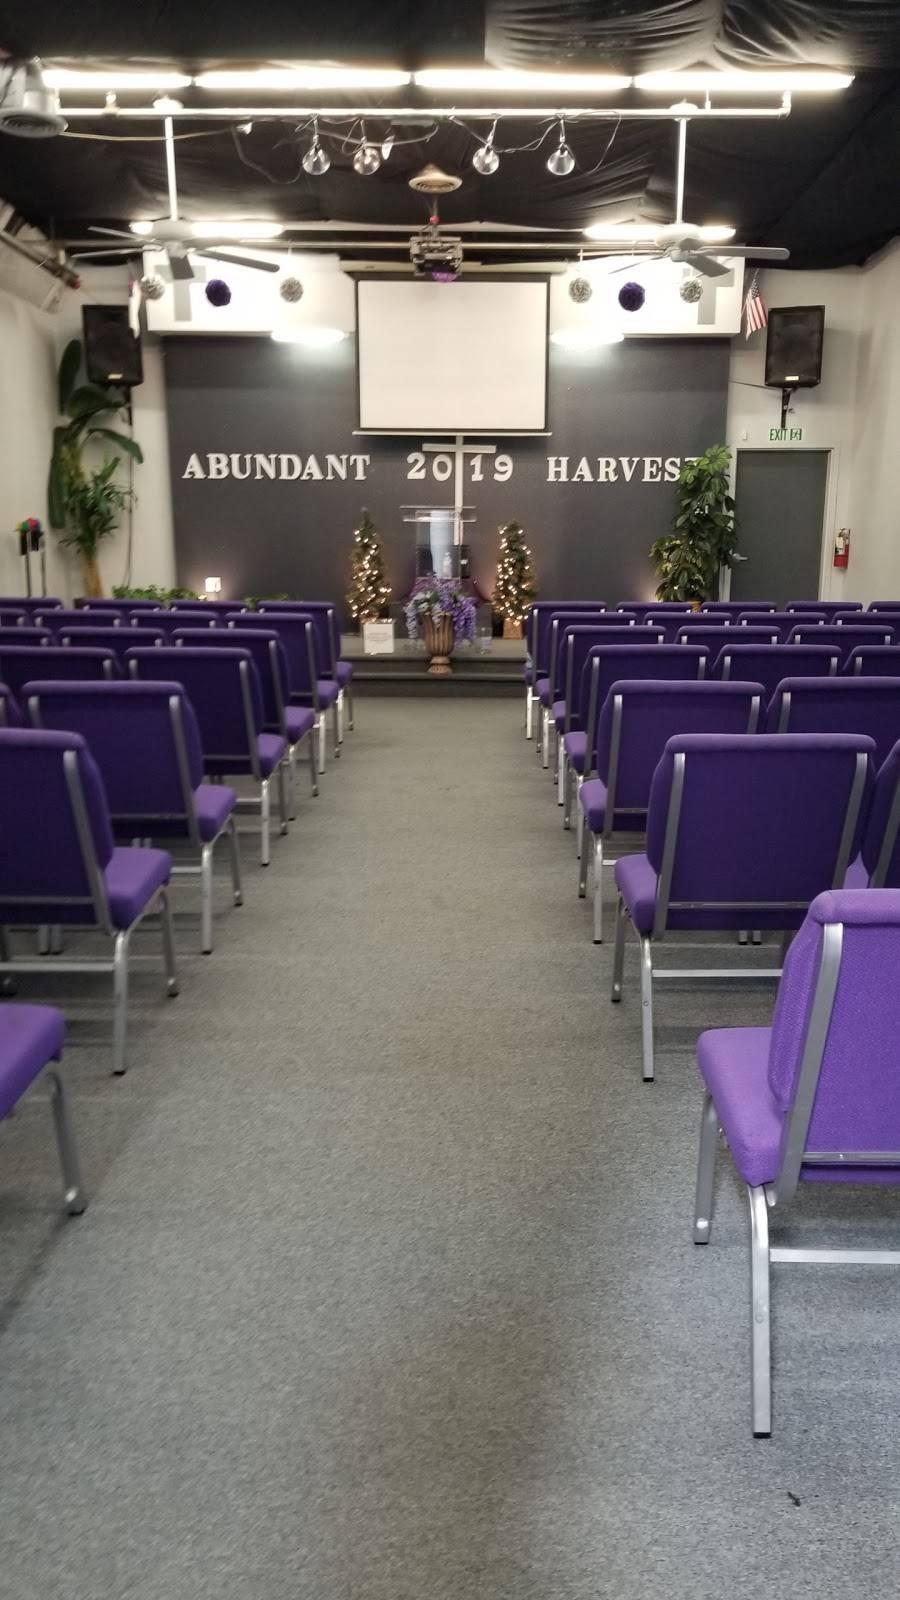 Calvary Christian Center - church    Photo 5 of 9   Address: 8605 Folsom Blvd, Sacramento, CA 95826, USA   Phone: (916) 381-3916